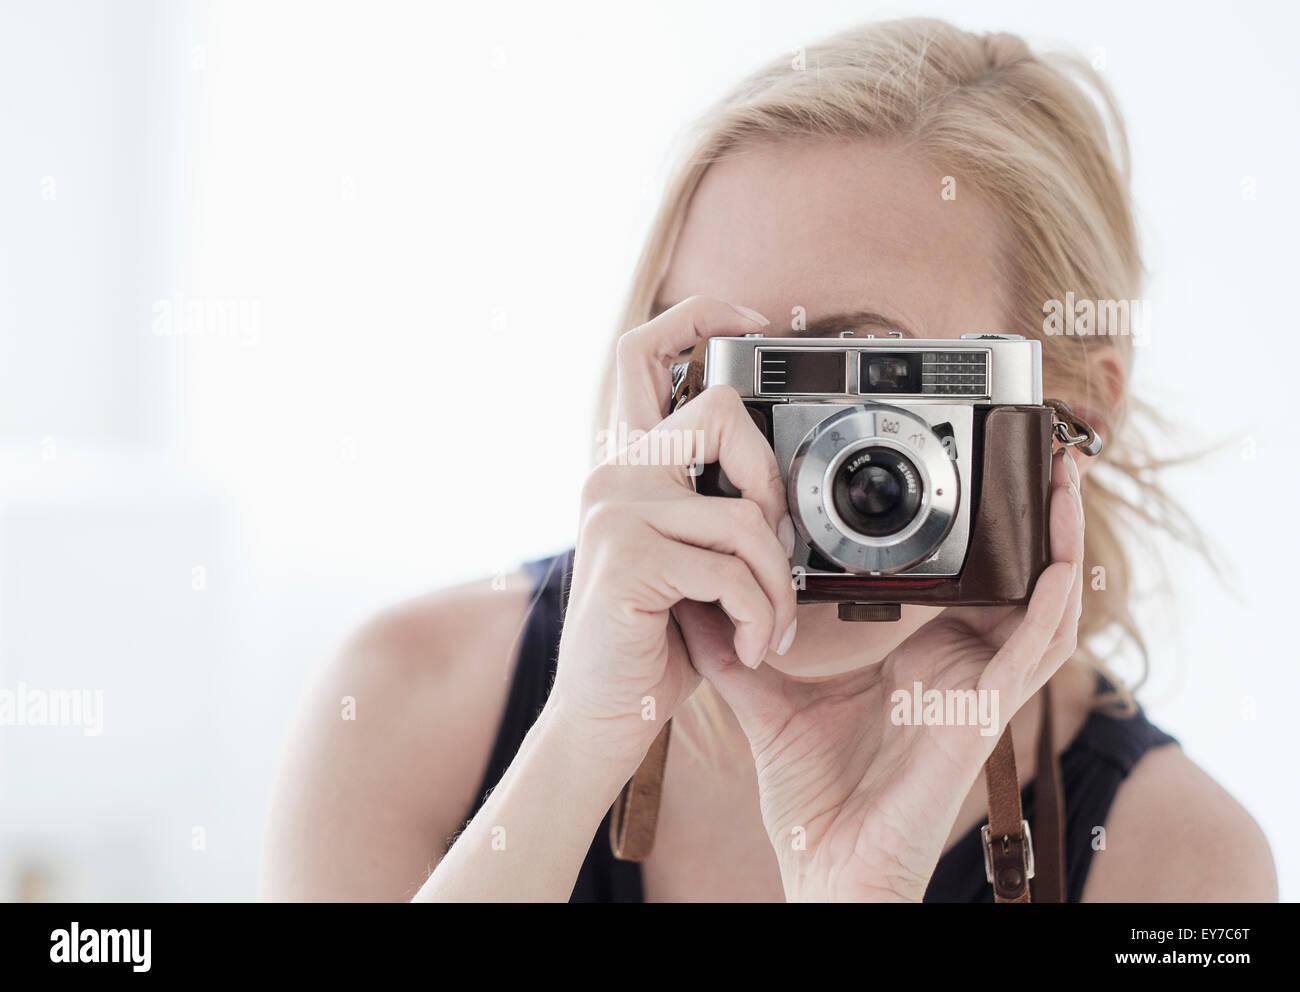 La mujer toma de fotografía con cámara digital Imagen De Stock